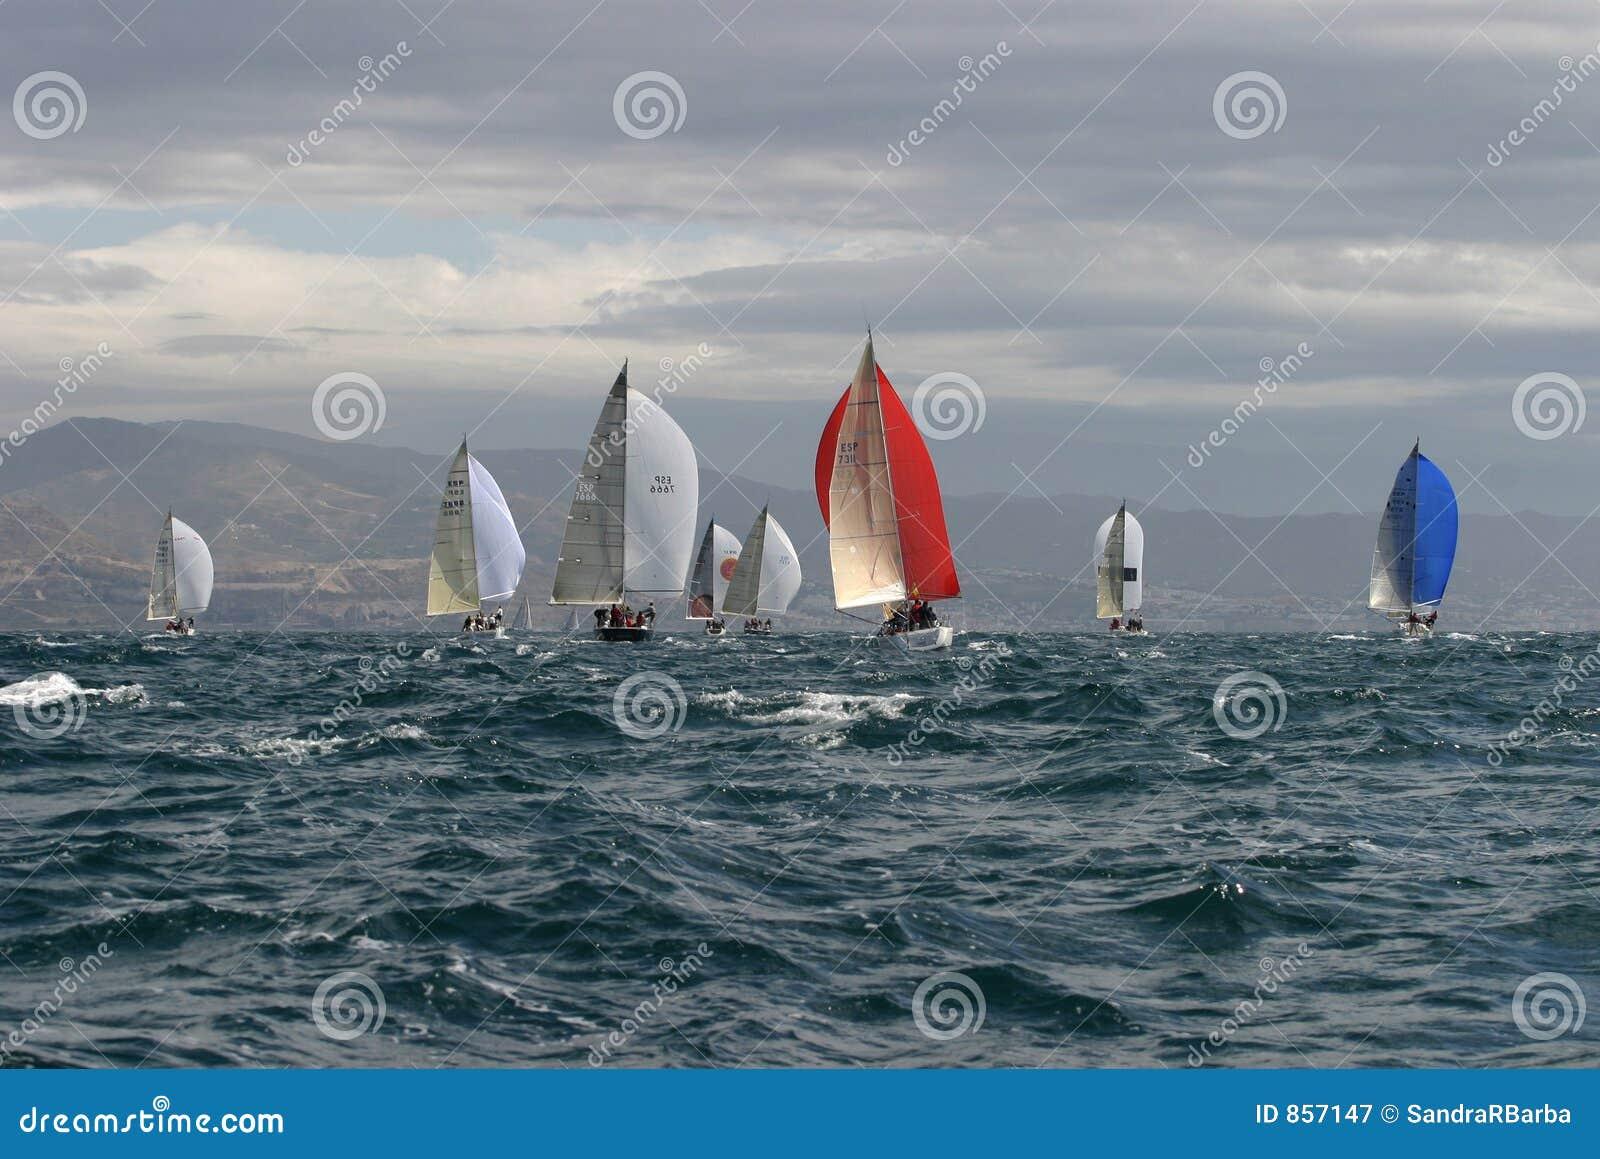 Segeln, yachting #3